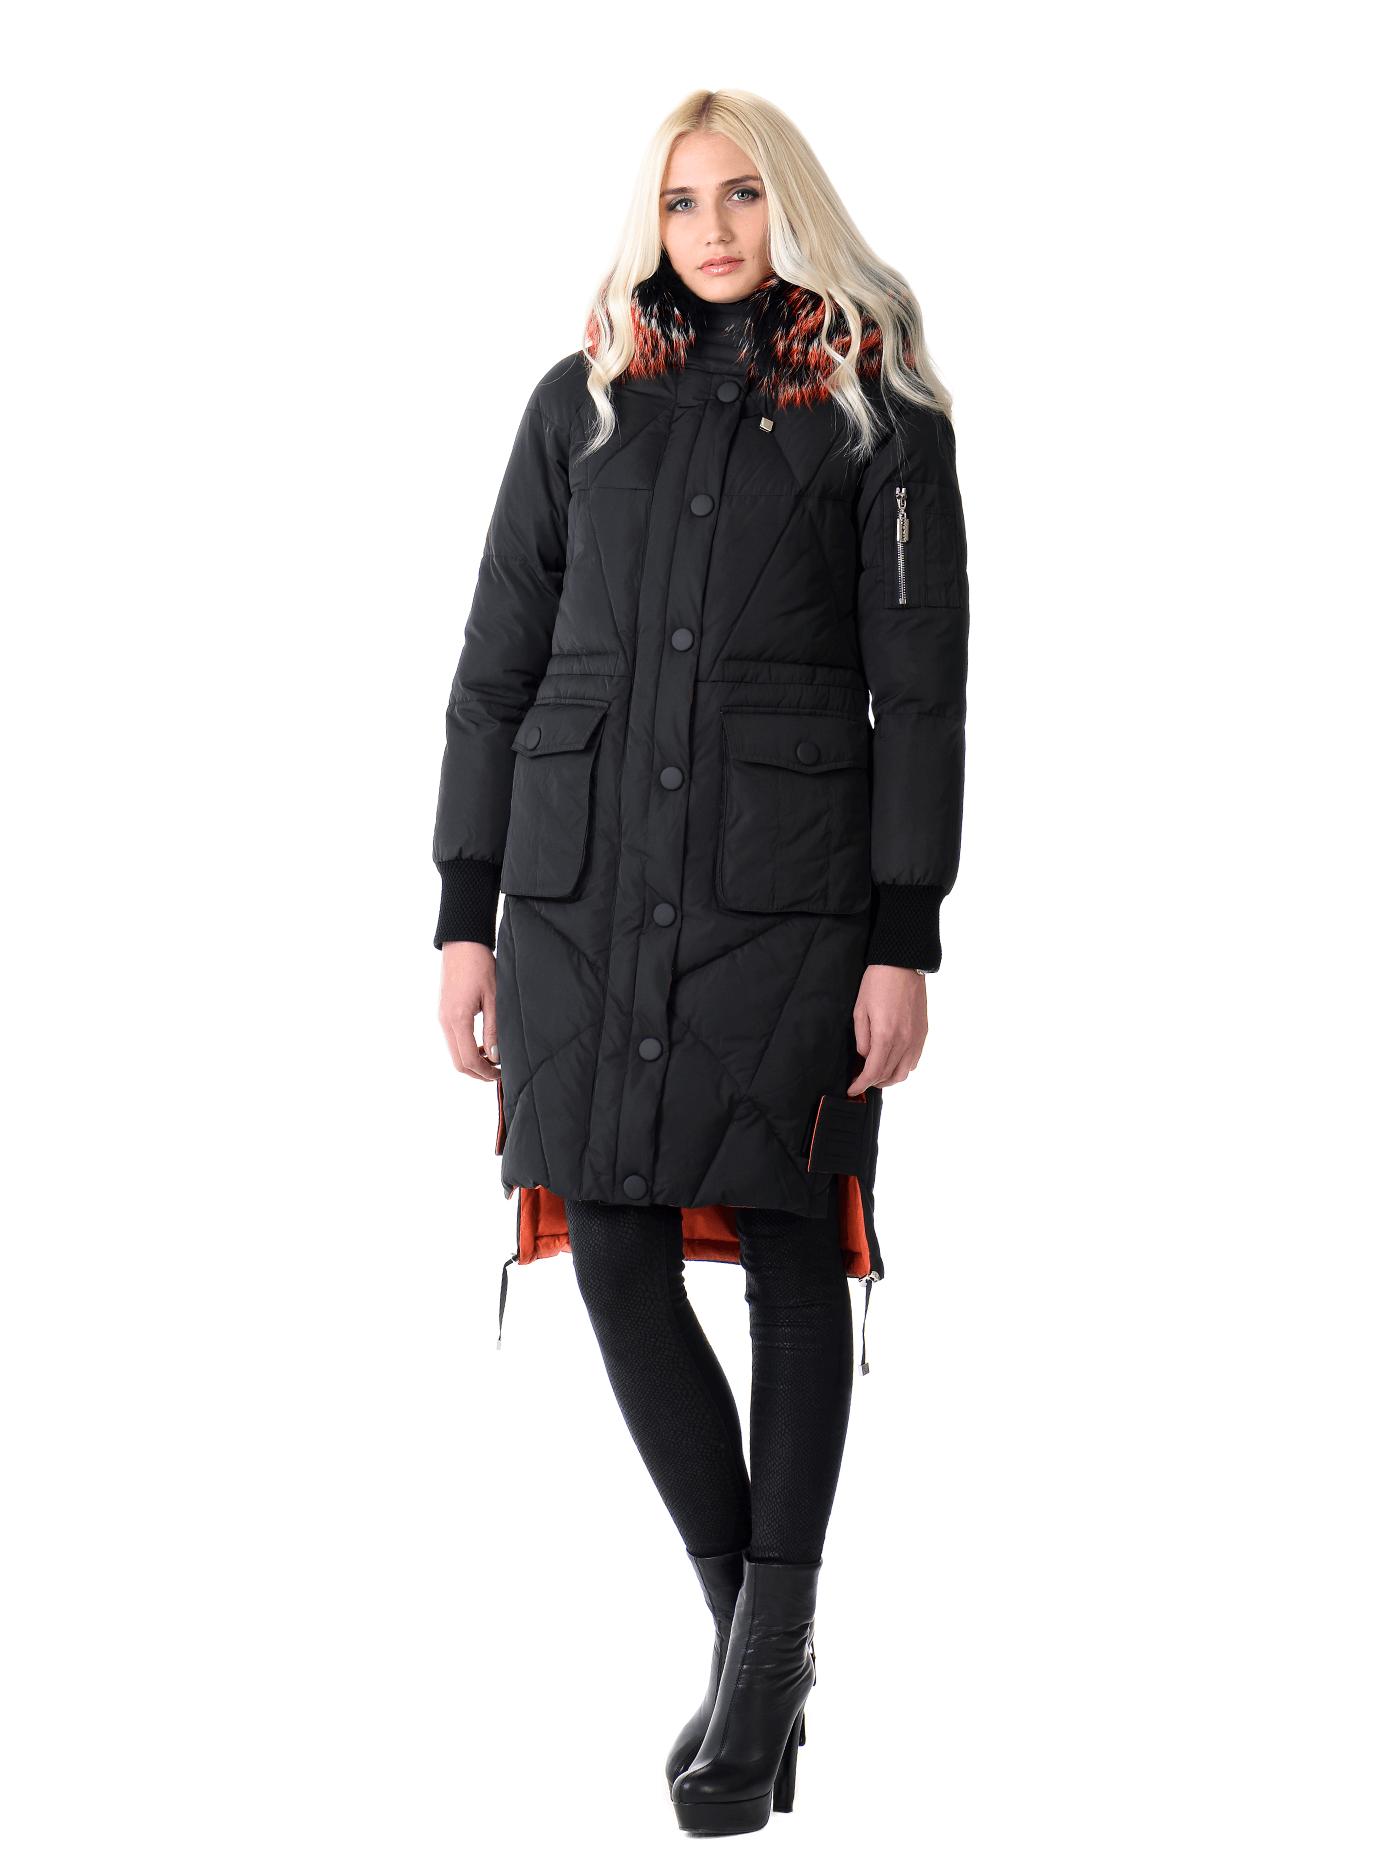 Куртка зимняя стеганая с мехом енота Чёрный S (05-V191293): фото - Alster.ua